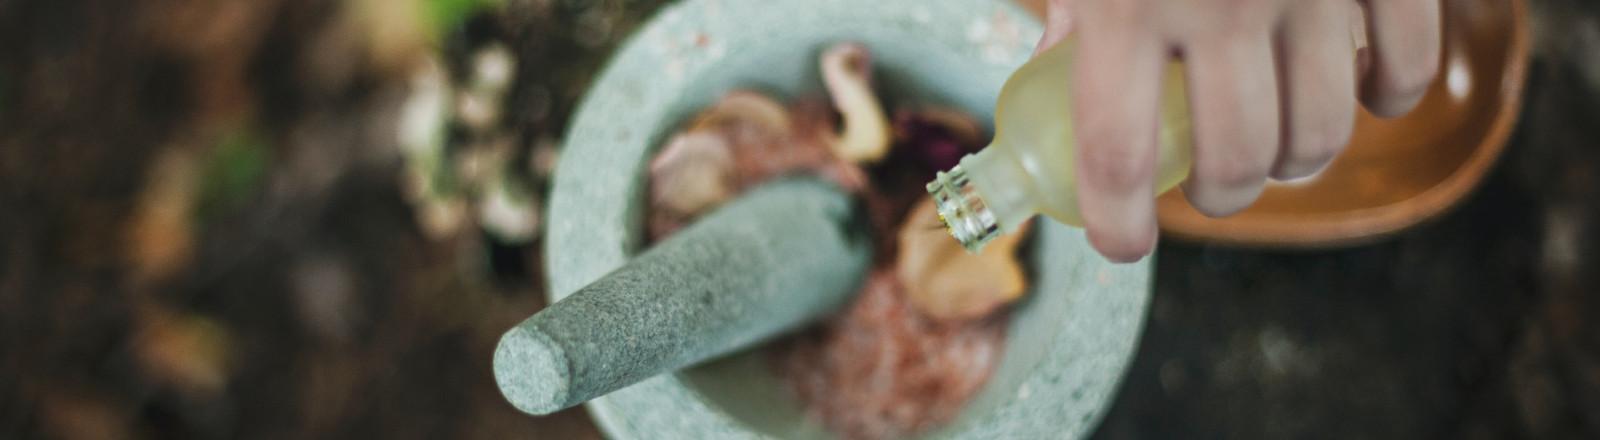 Hand gießt Flüssigkeit in eine Schale mit Mörser.